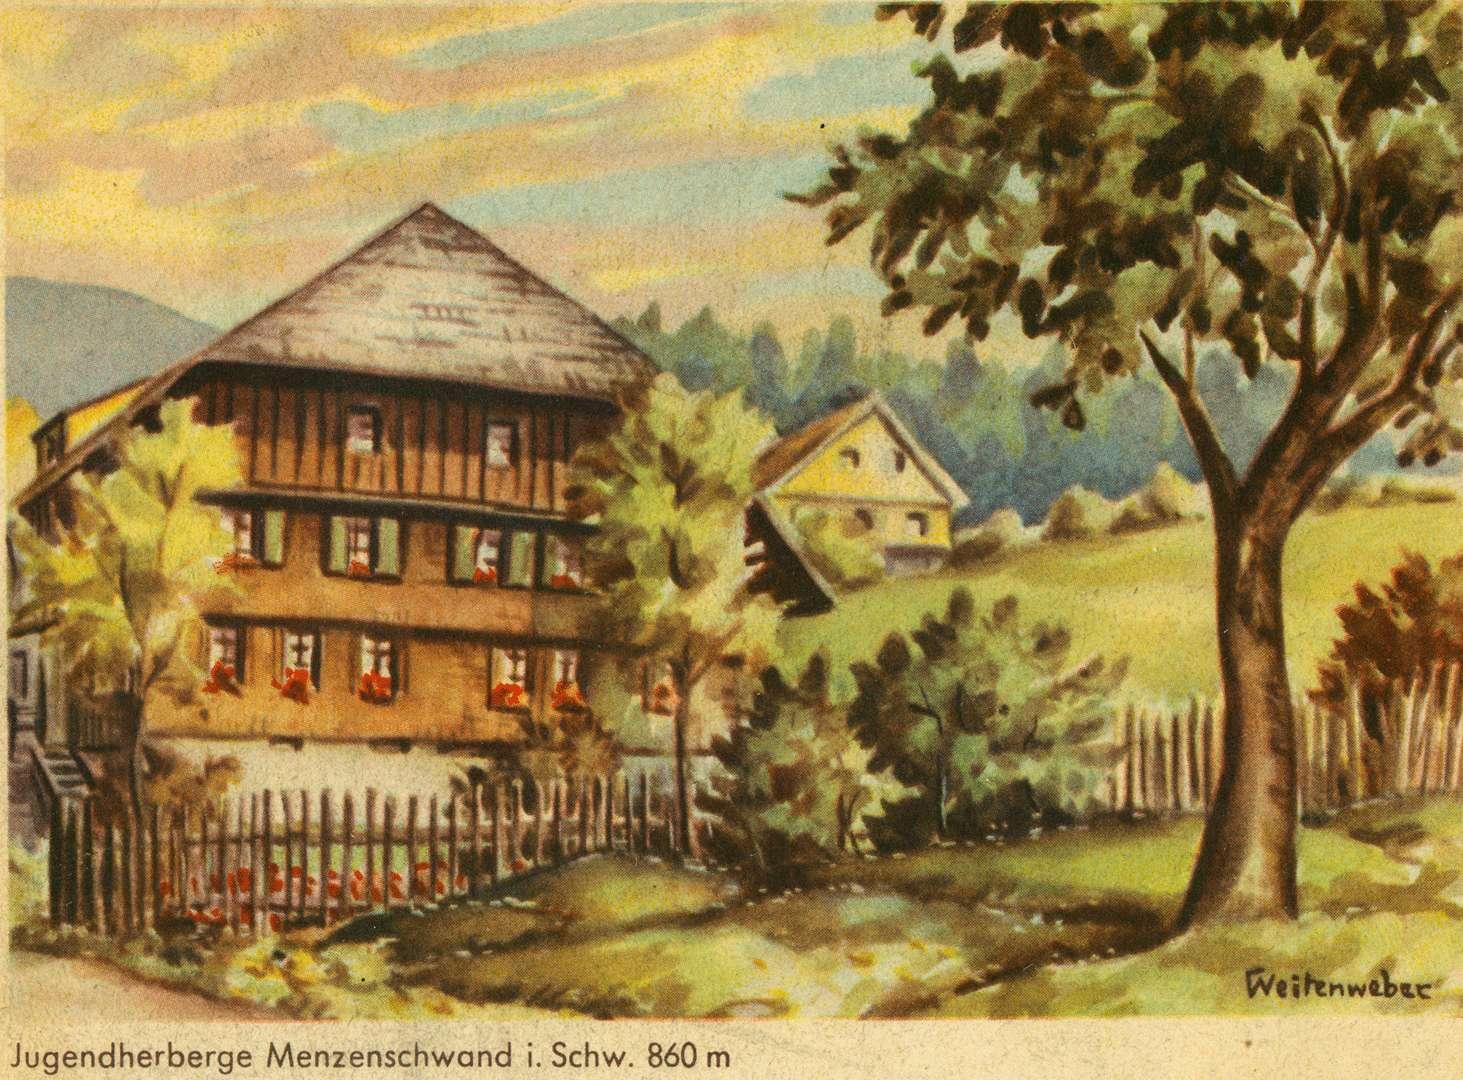 Jugendherberge Menzenschwand i. Schw. 860 m, Bild 1